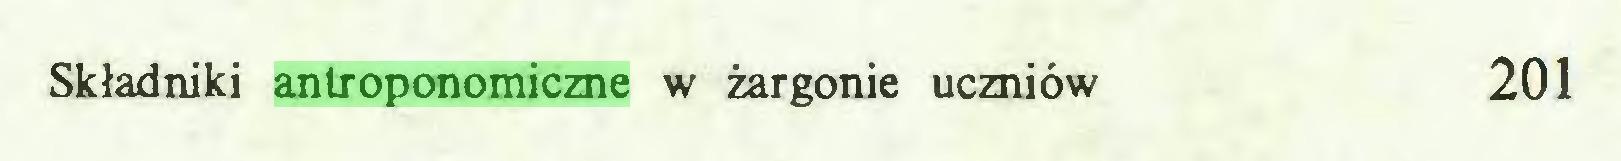 (...) Składniki antroponomiczne w żargonie uczniów 201...